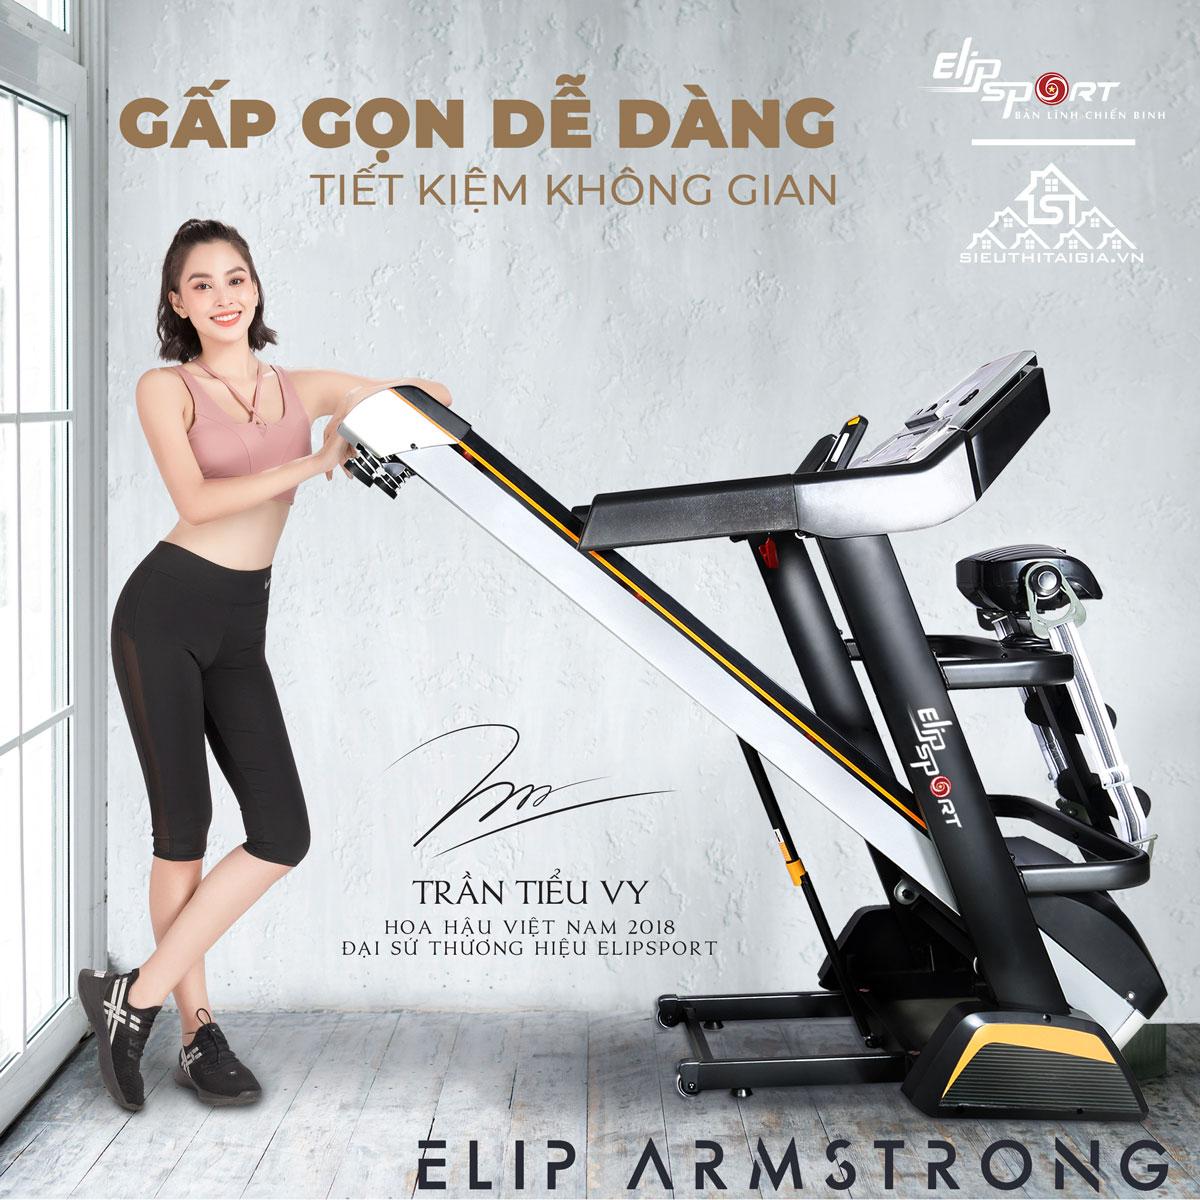 Máy chạy bộ điện ELIP Armstrong